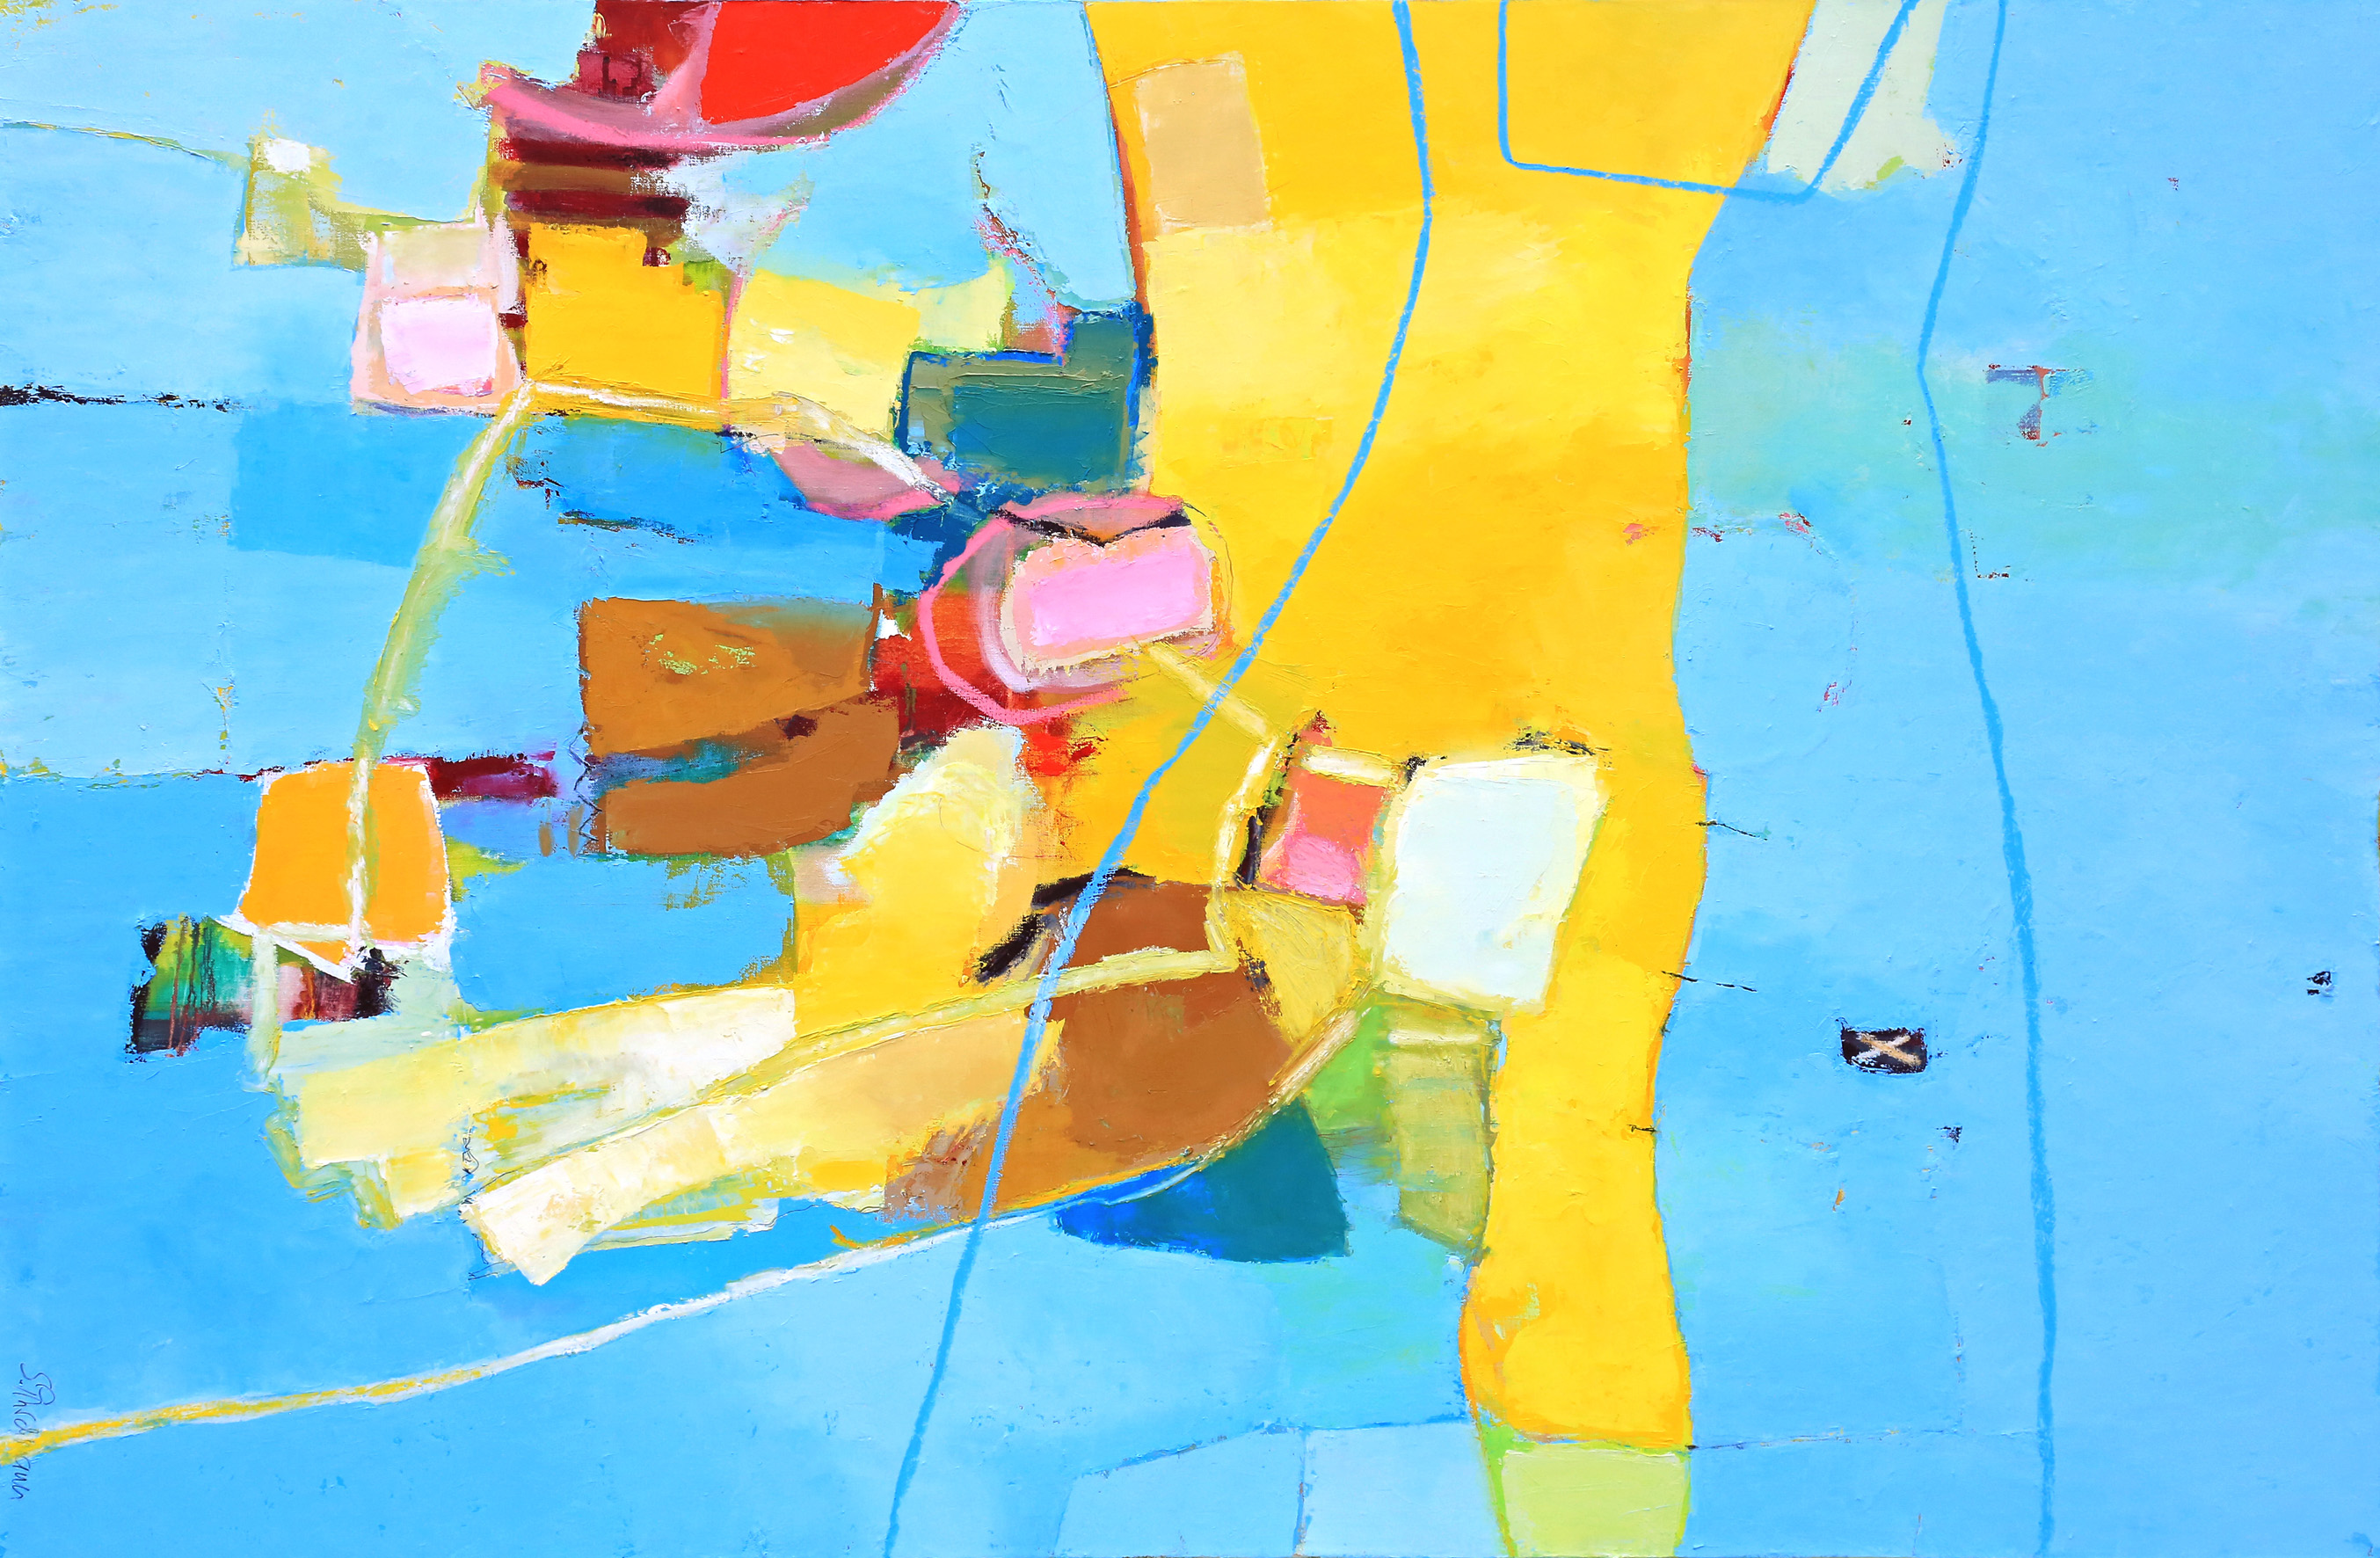 _, 110 x 150, Öl auf Maltuch, 2016